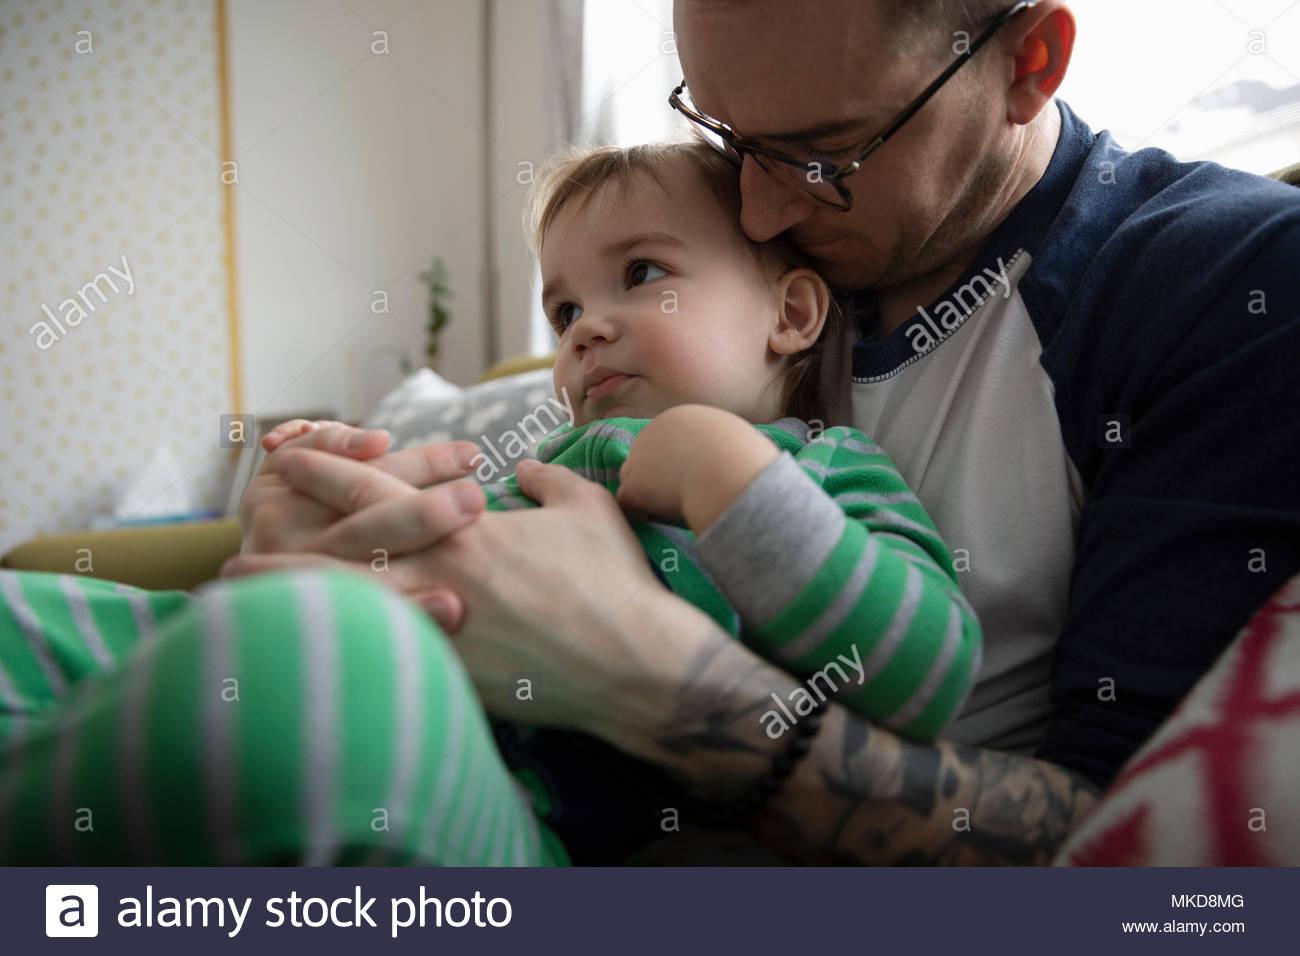 Affectueux, tendre père fils bébé câlins Photo Stock